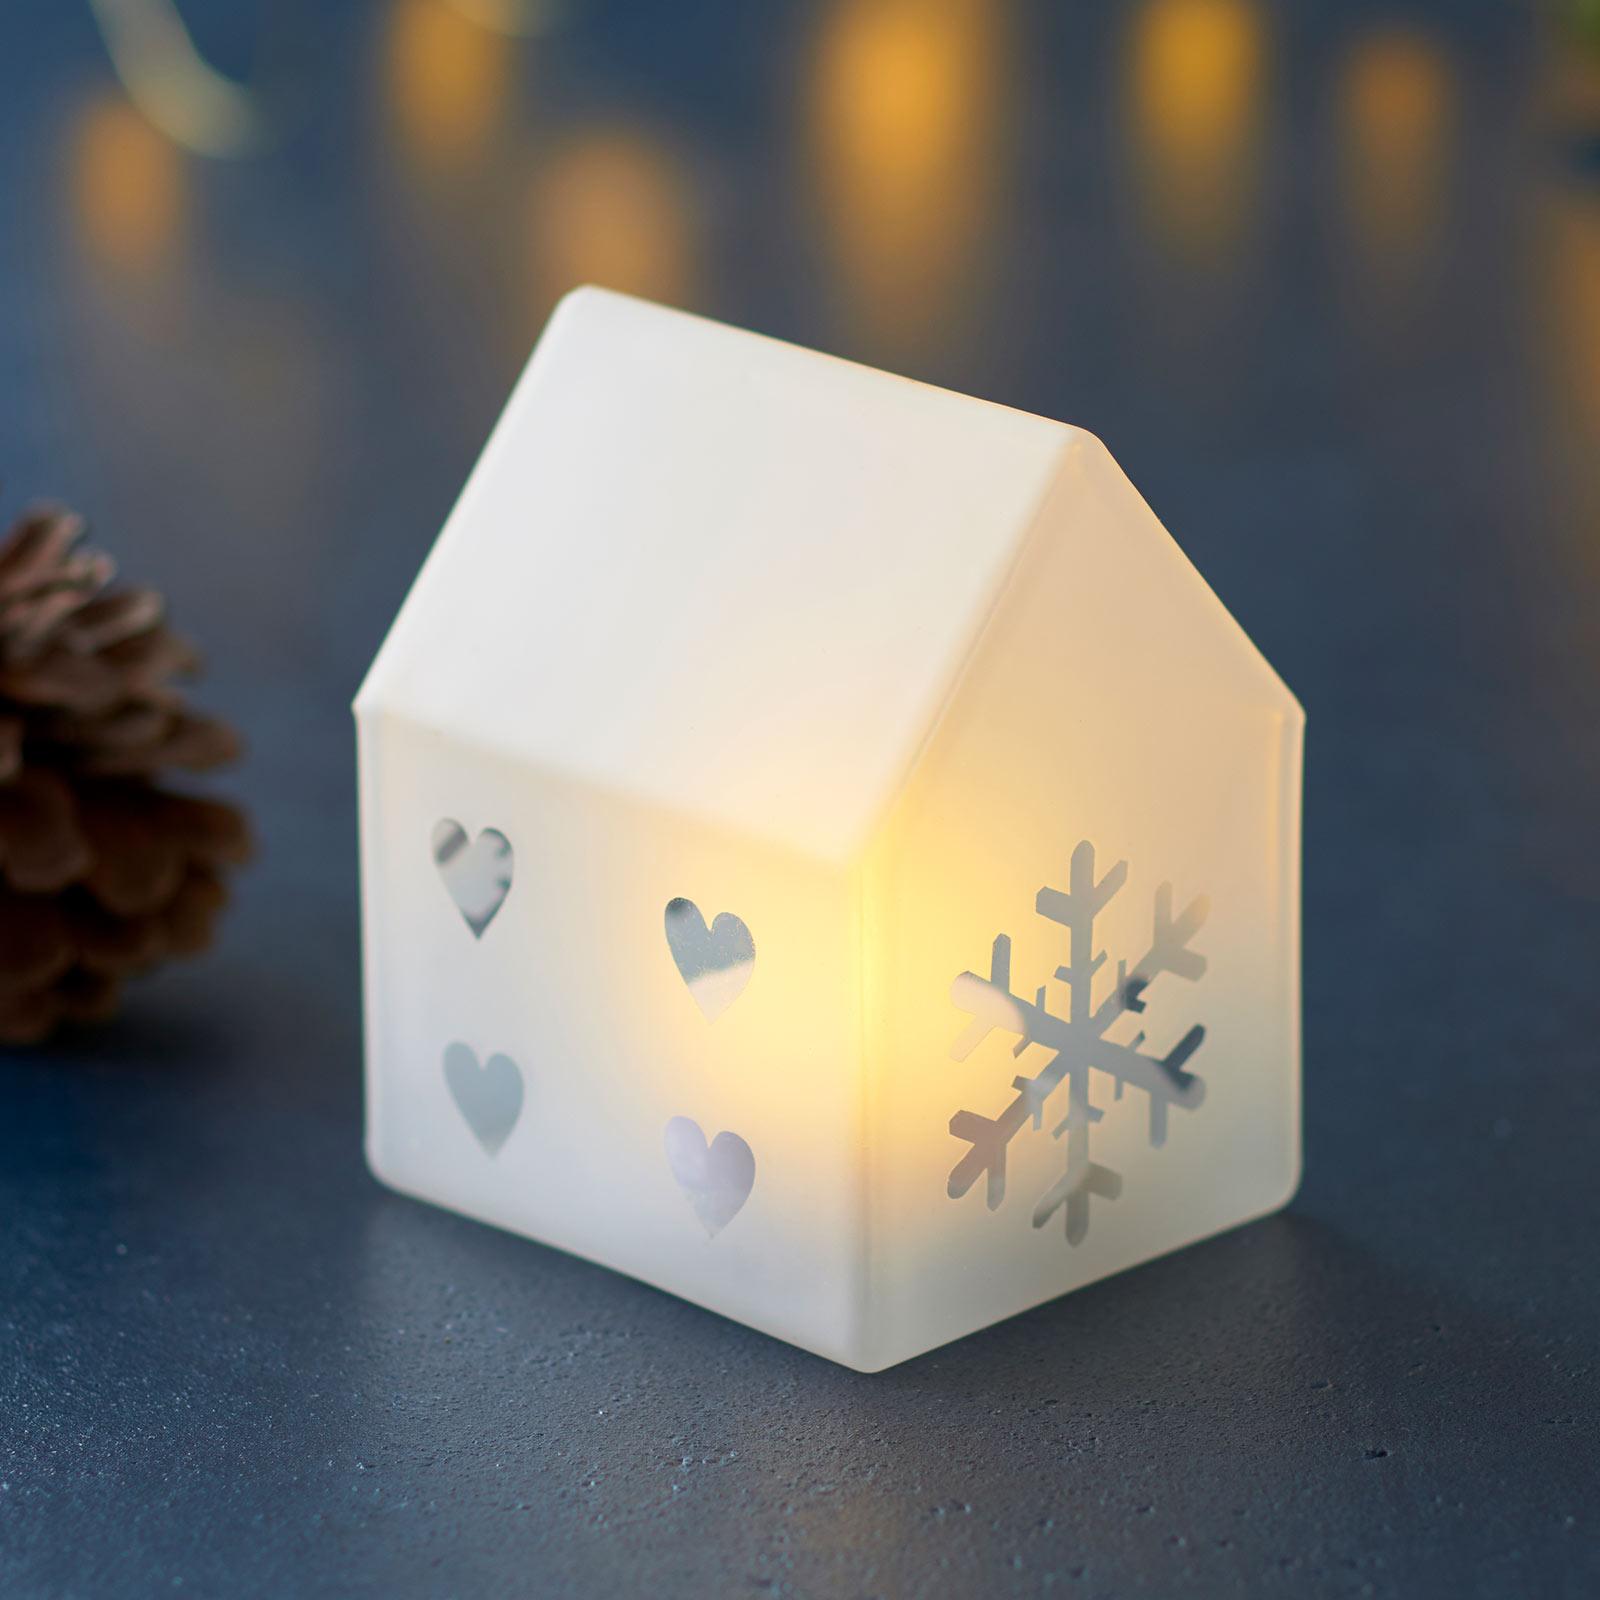 LED-koristevalaisin Santa House, korkeus 8,5 cm